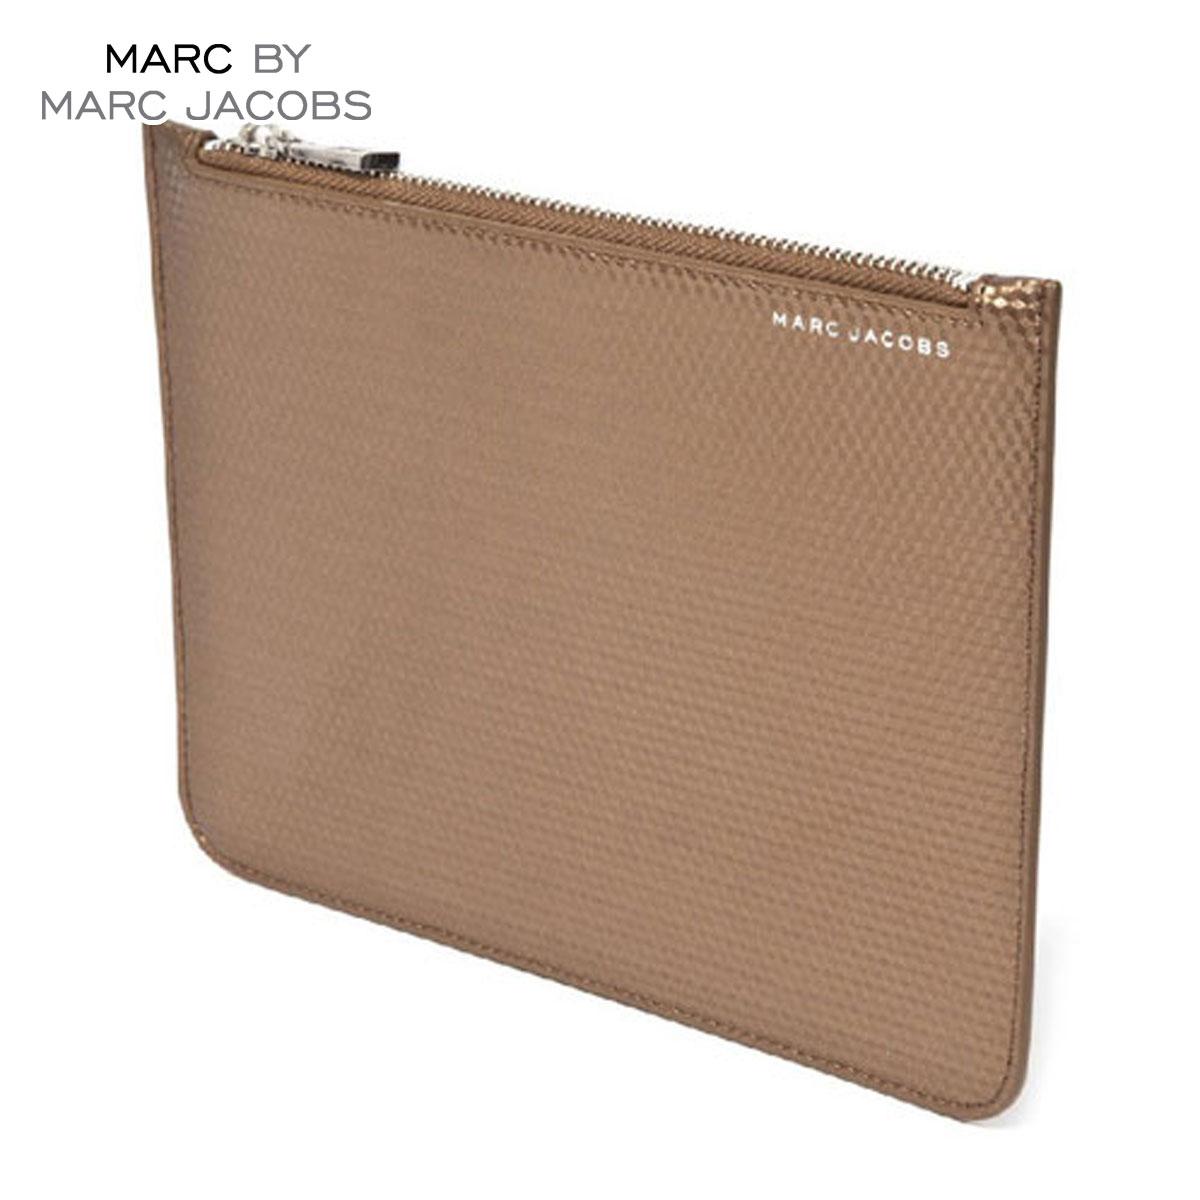 【販売期間 6/21 16:00〜7/2 9:59】 マークジェイコブス MARCJACOBS 正規品 ケース Cube Large Case 6.5x8.875